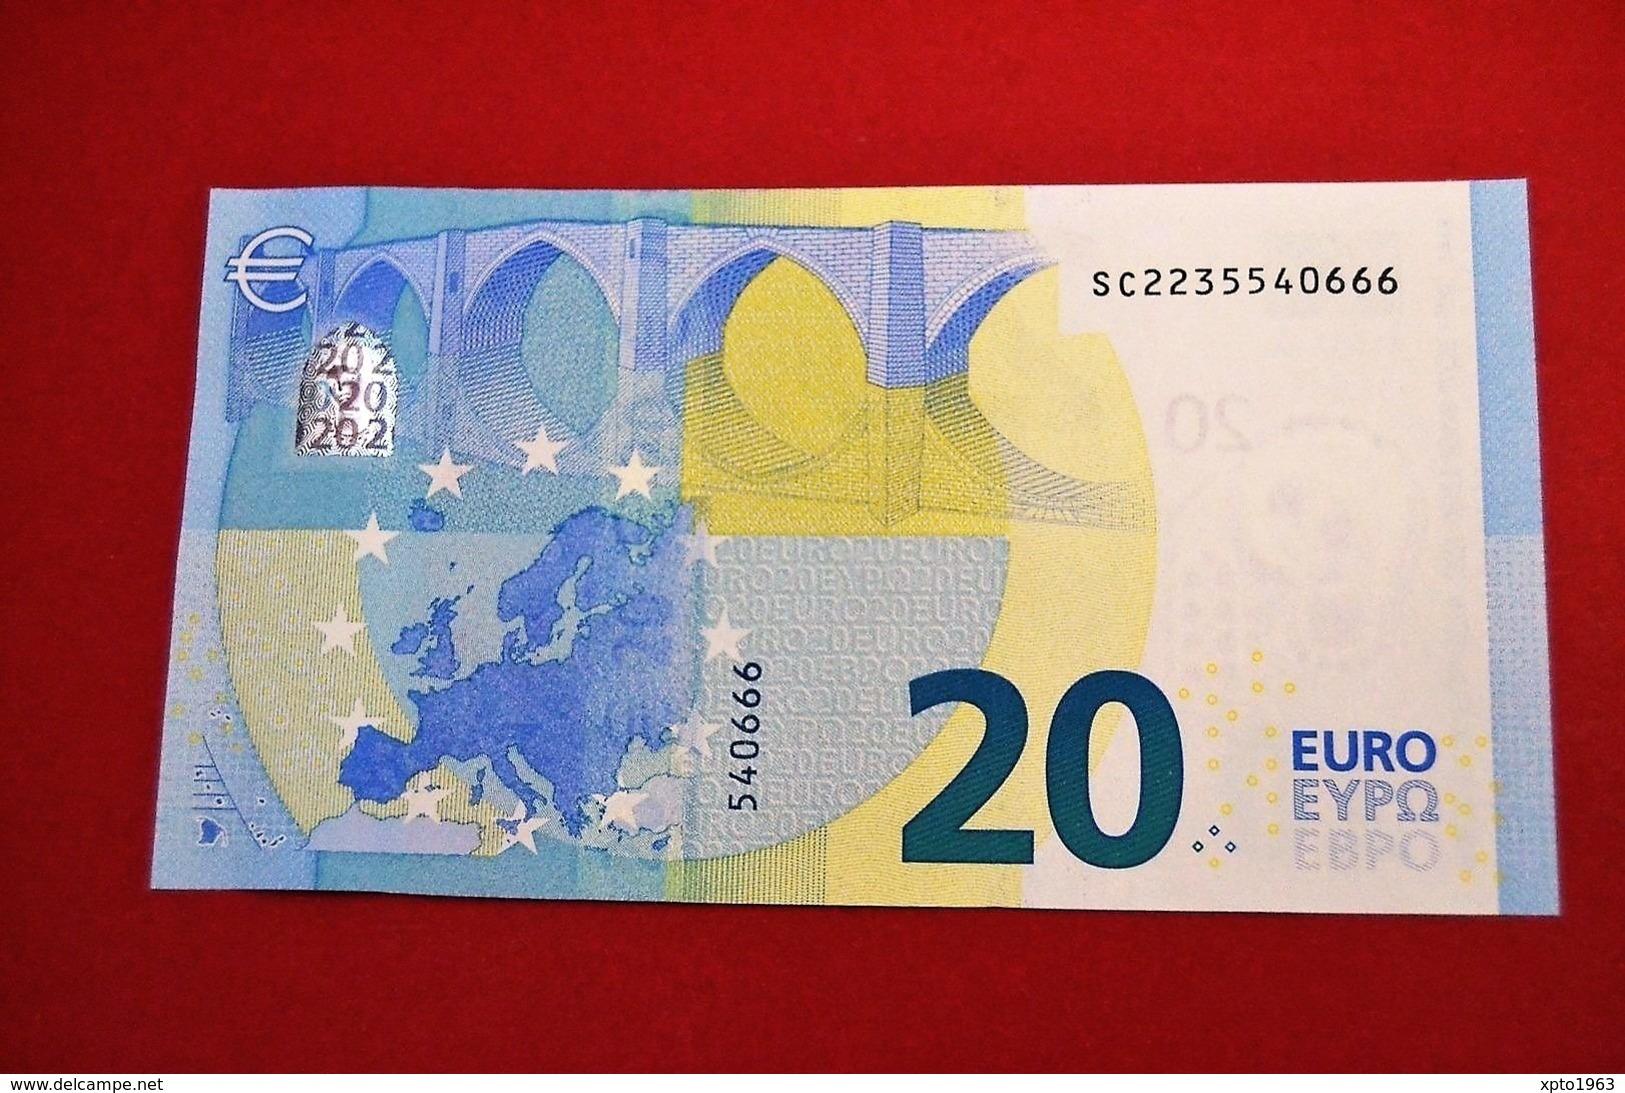 20 EURO ITALIA S008B4 - ITALY S008 B4 - SC2235540666 - NEUF - UNC - EURO